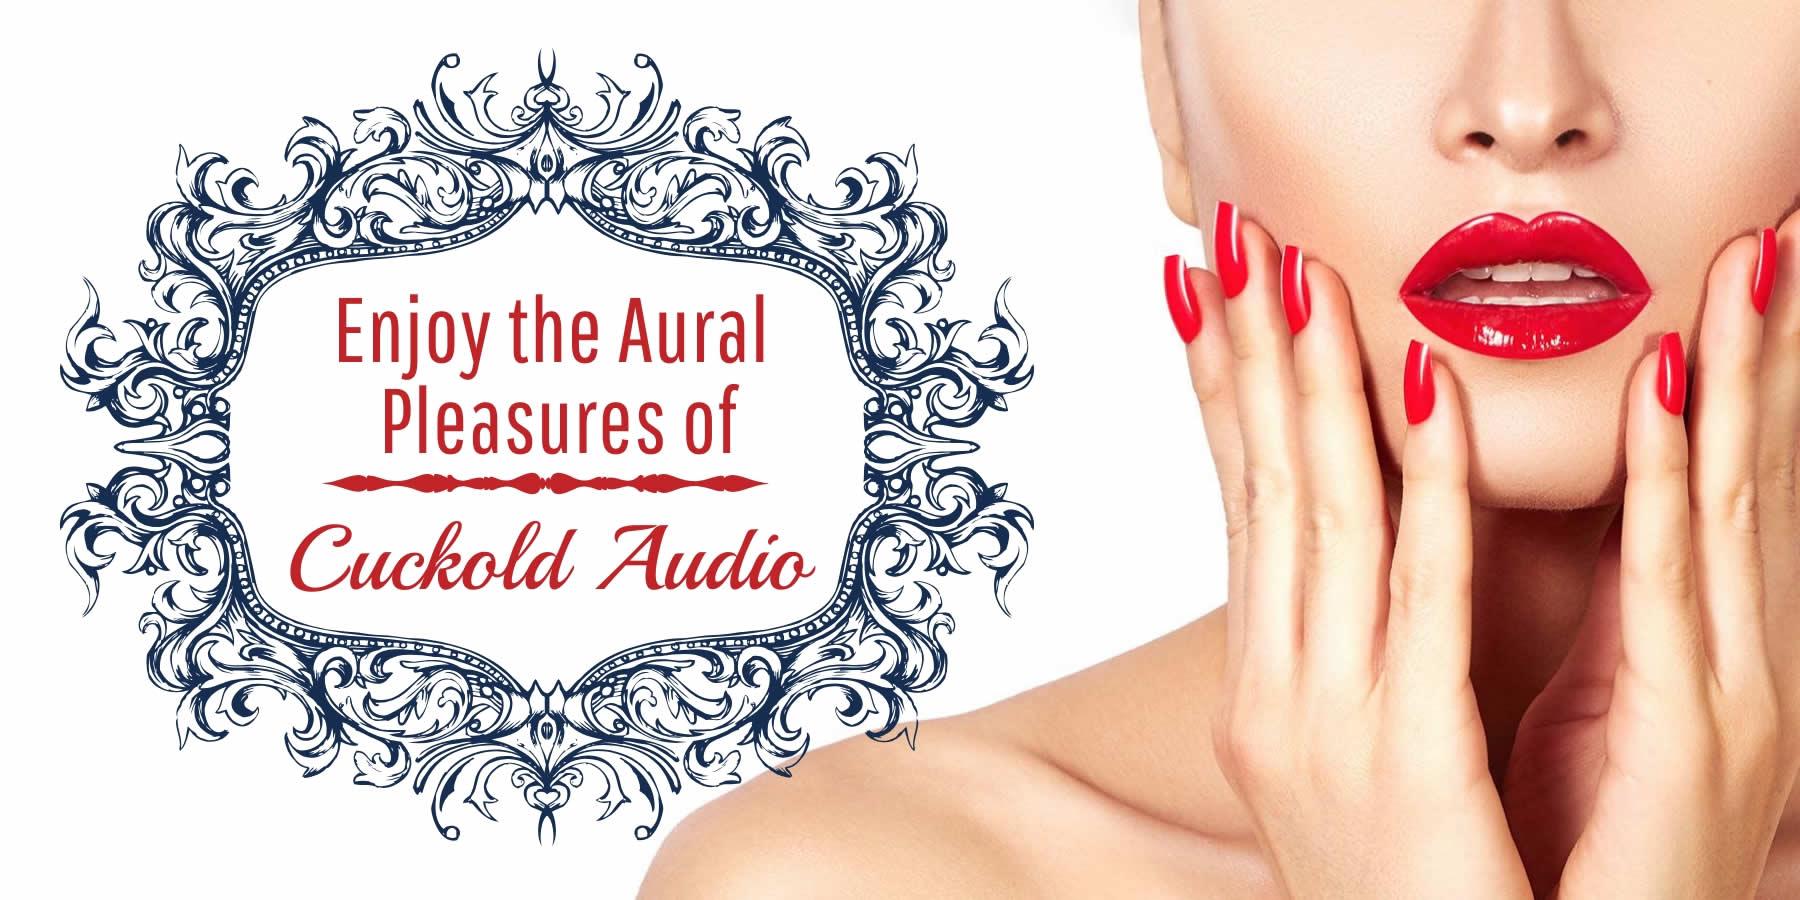 cuckold-audio23